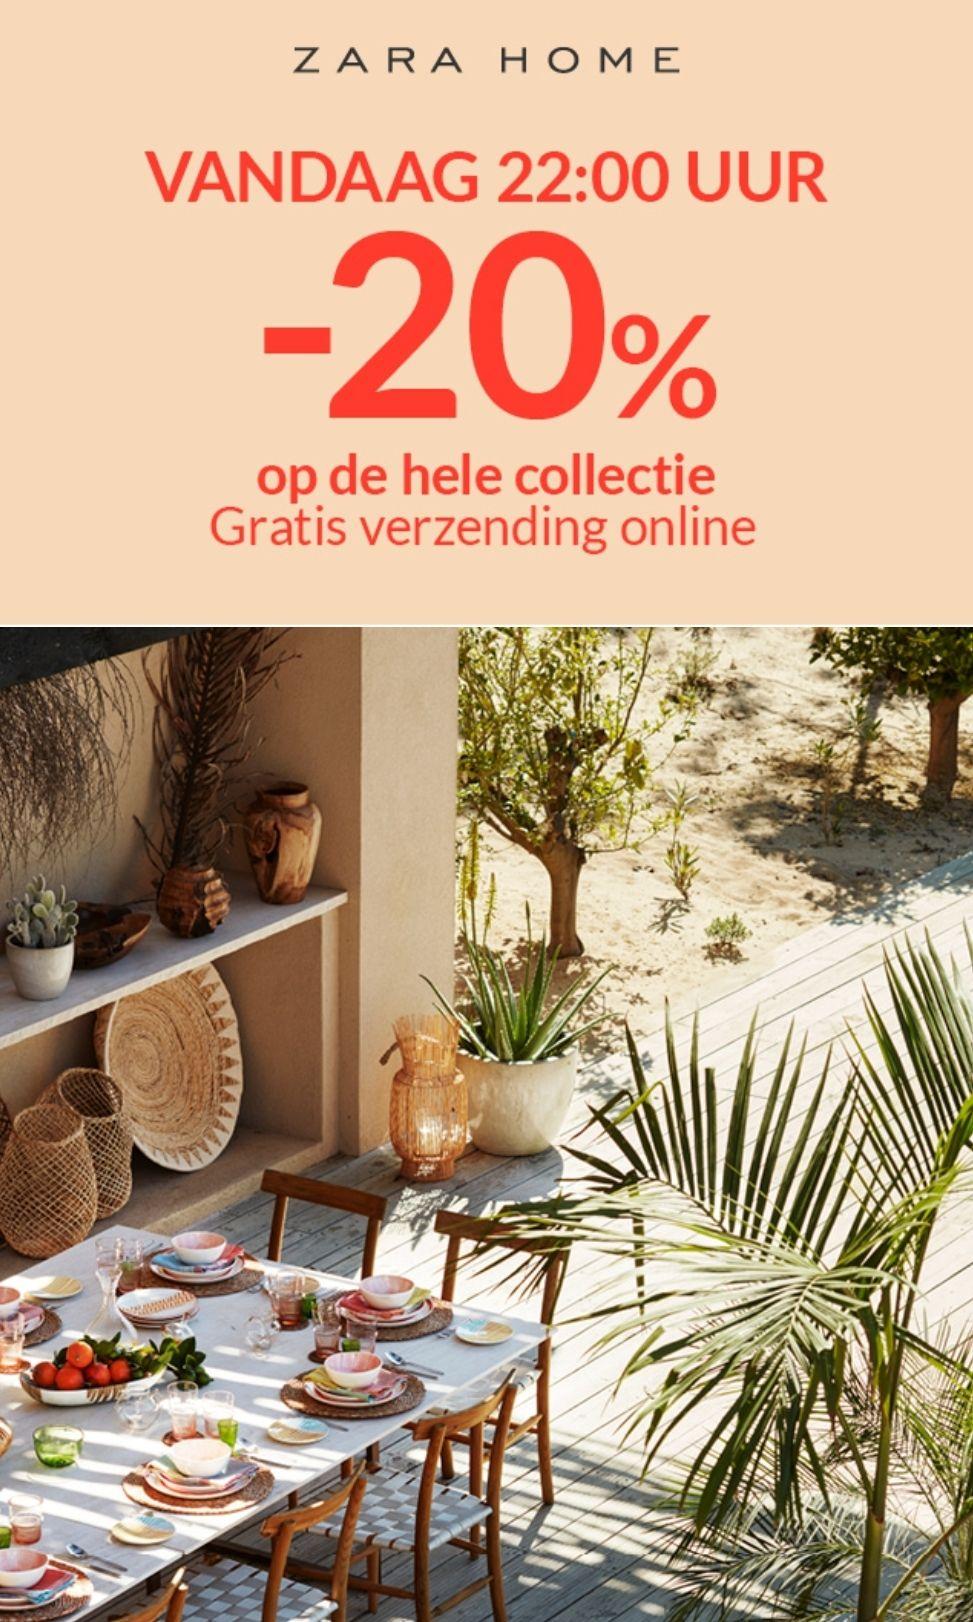 Vanavond 20% korting op de hele collectie +gratis verzending bij Zara Home